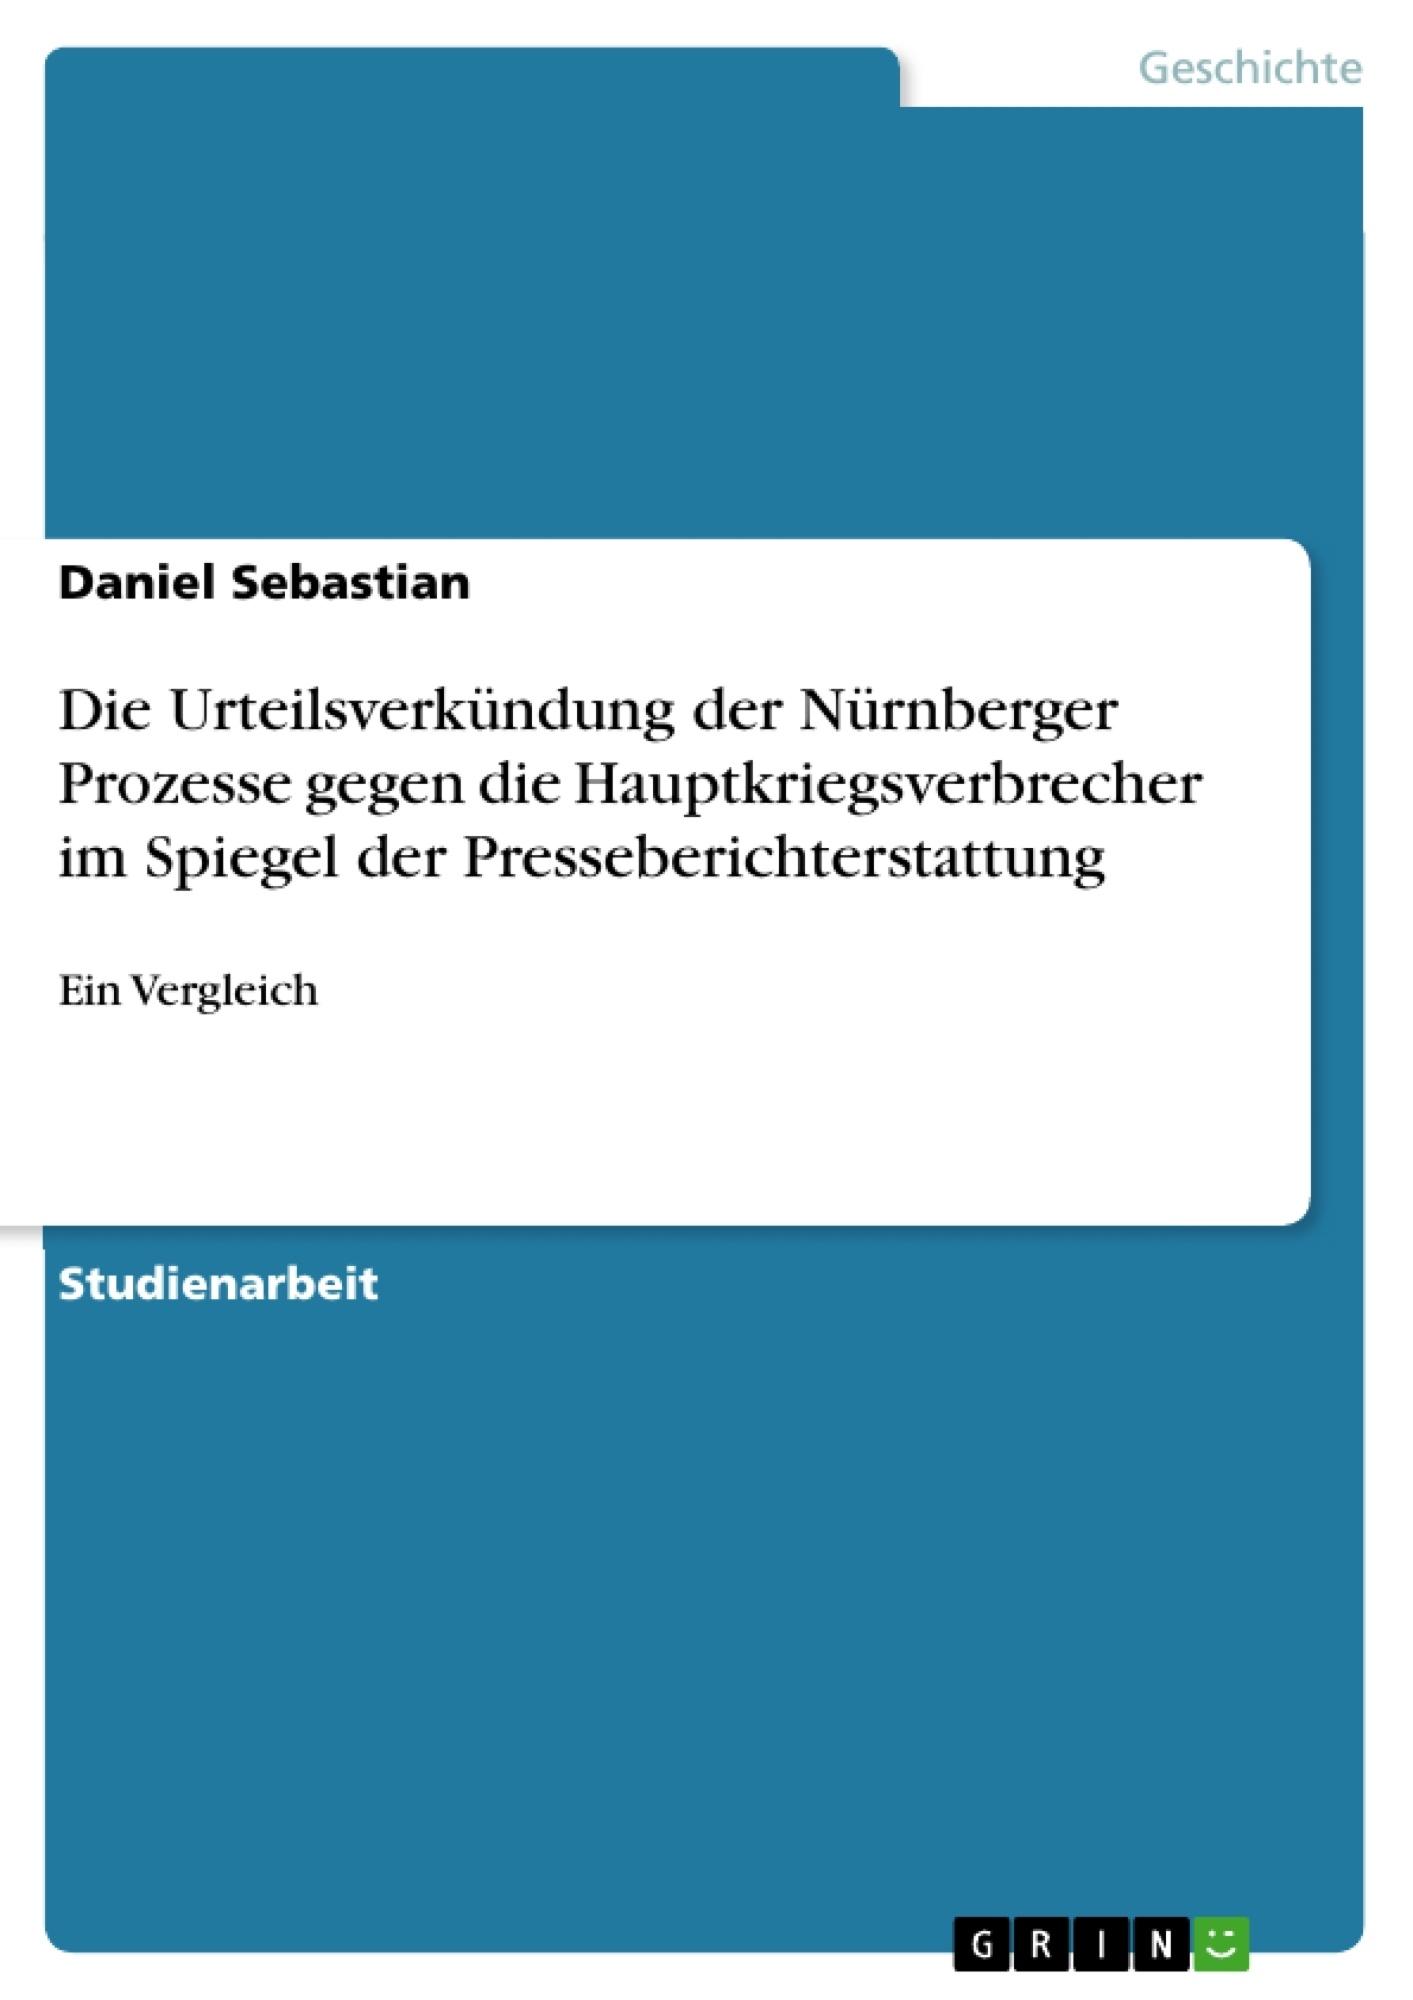 Titel: Die Urteilsverkündung der Nürnberger Prozesse gegen die Hauptkriegsverbrecher im Spiegel der Presseberichterstattung